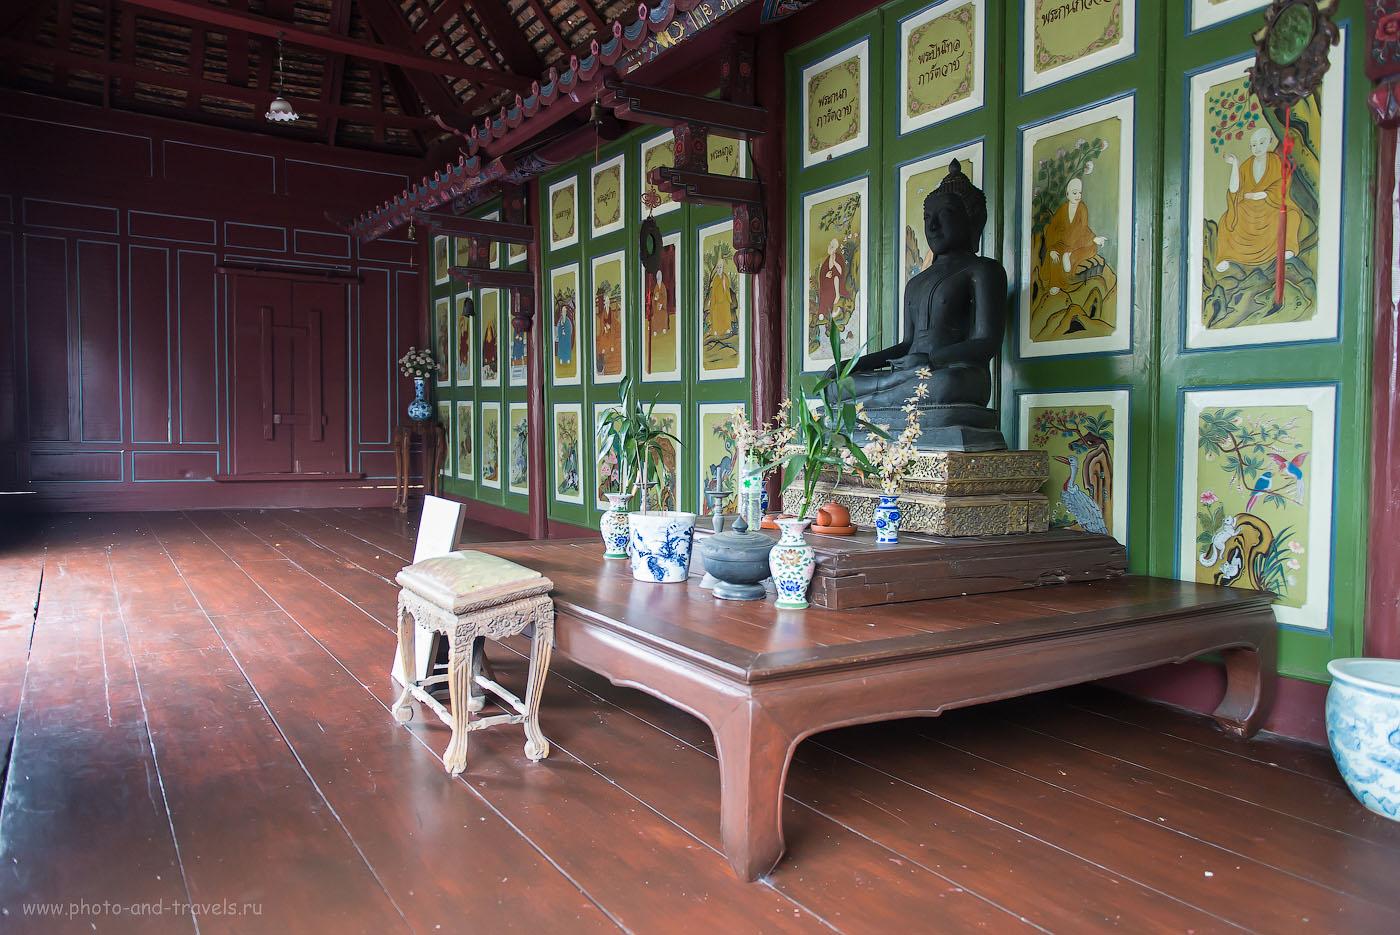 Фотография 9. Внутри одного из домиков в рыбацкой деревне в музее под открытым небом Муанг Боран в Бангкоке. Отчет об отдыхе в Таиланде самостоятельно. (1600, 24, 2.8, 1/60)